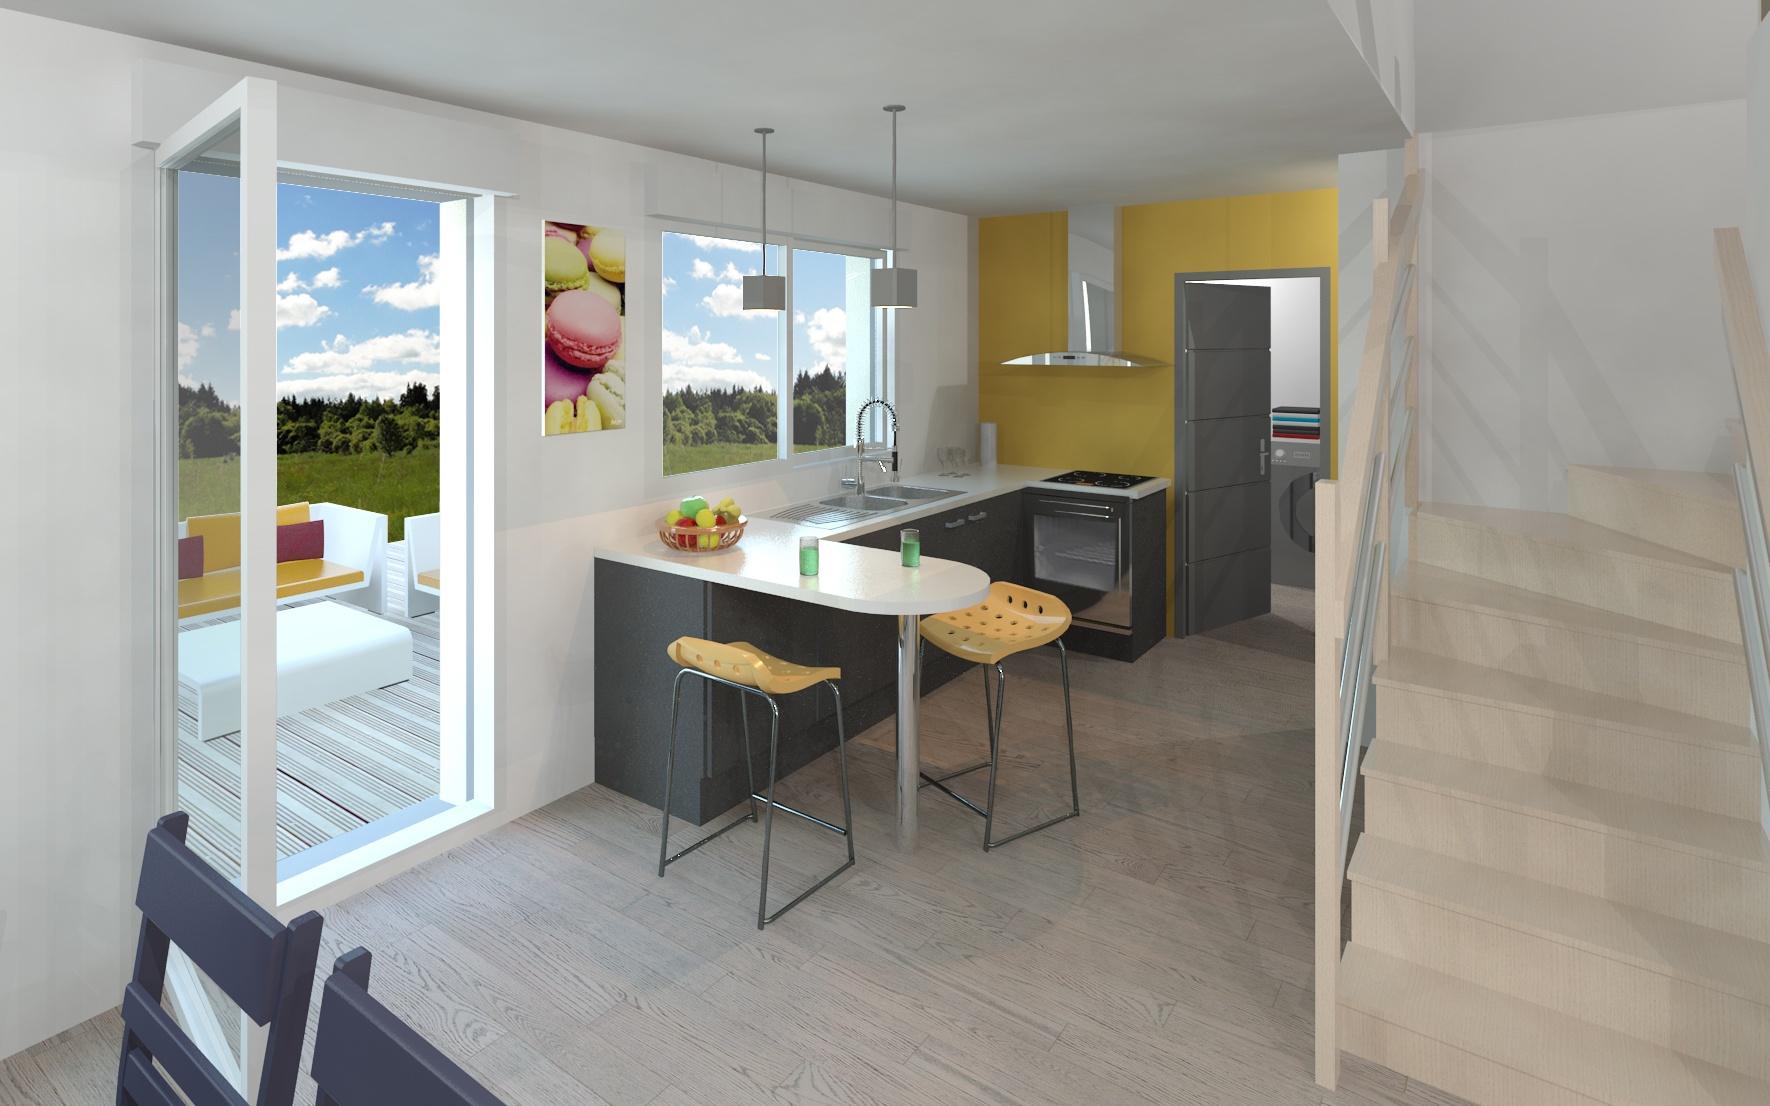 Maisons + Terrains du constructeur MAISON FAMILIALE • 118 m² • CHAMBRY